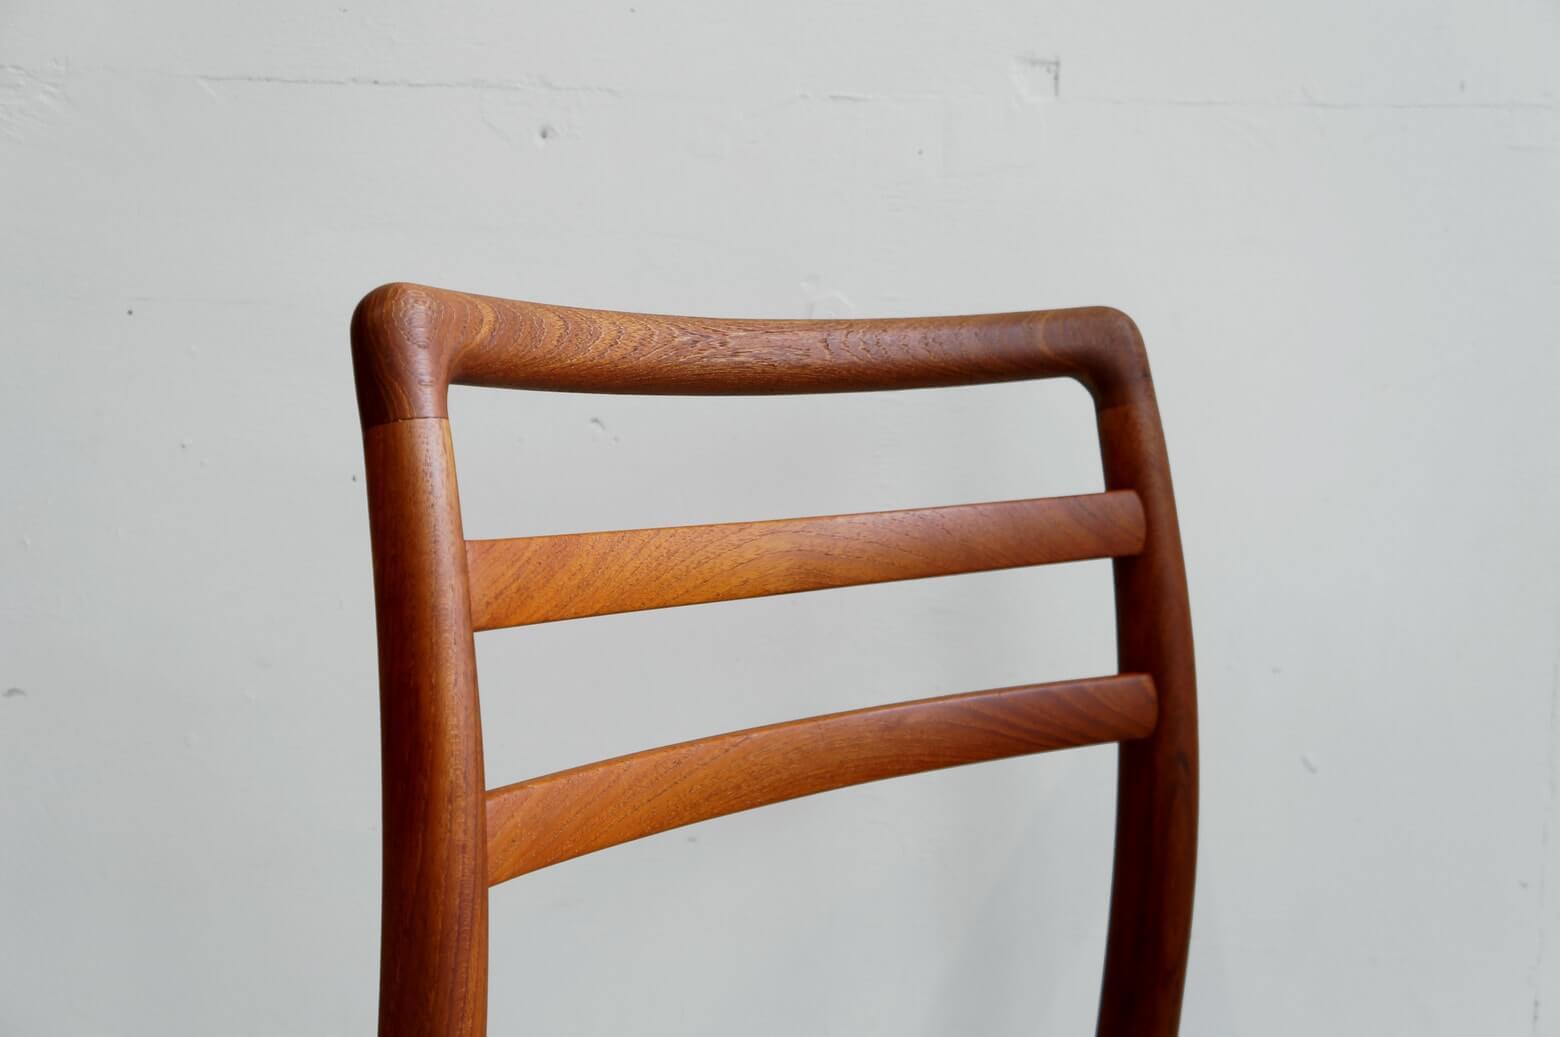 Aobayashi Seisakujo Teakwood Dining Chair/青林製作所 チーク材 ダイニングチェア 1